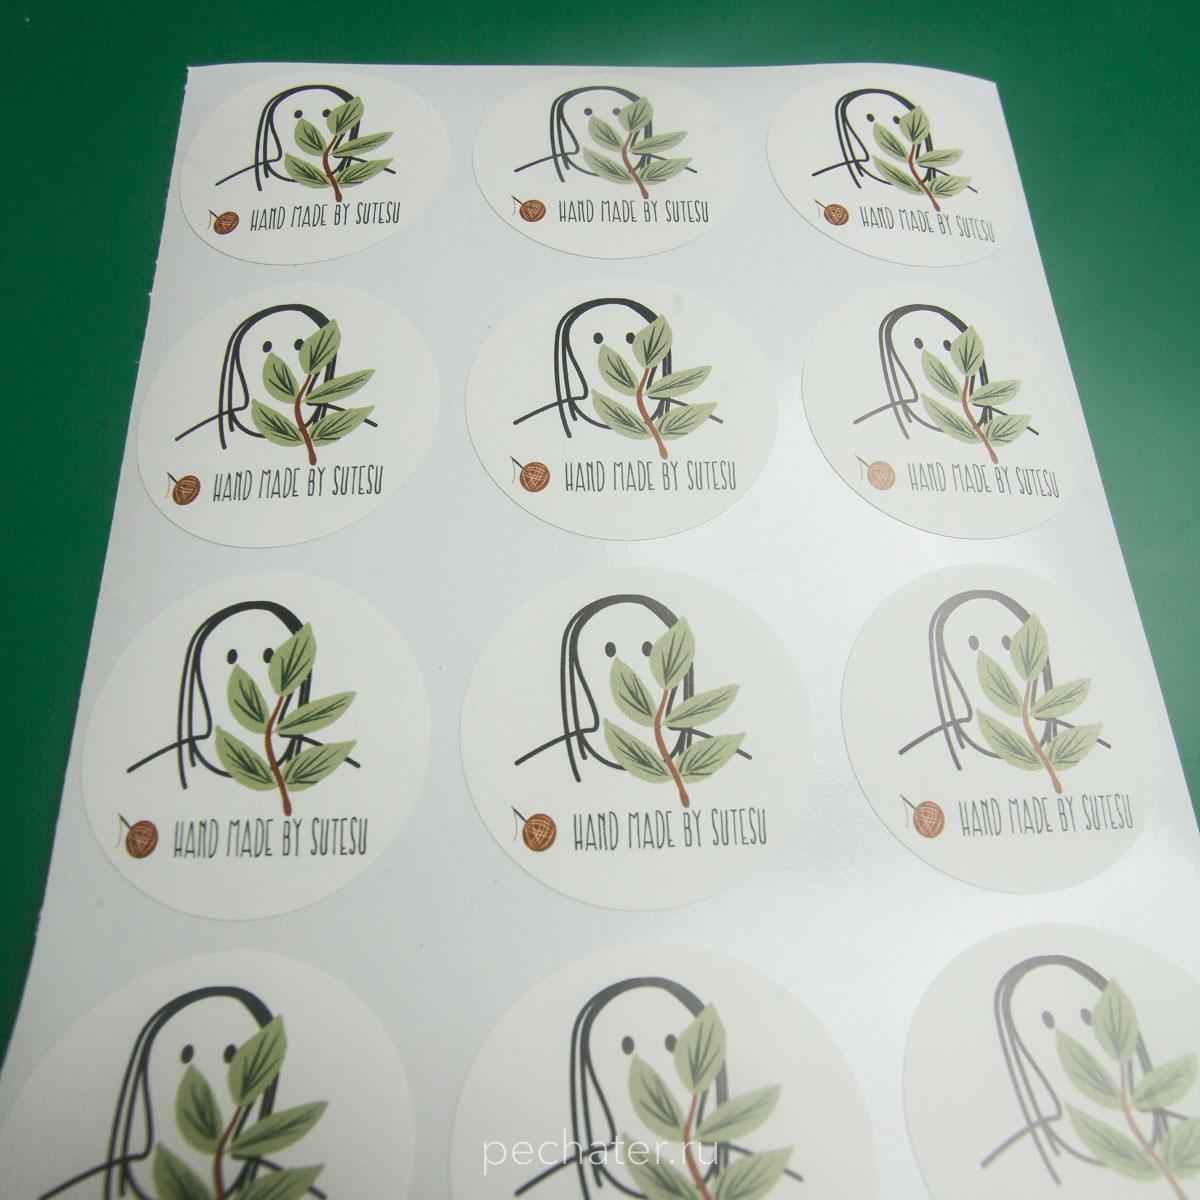 Заказать наклейки и стикеры - Печатники